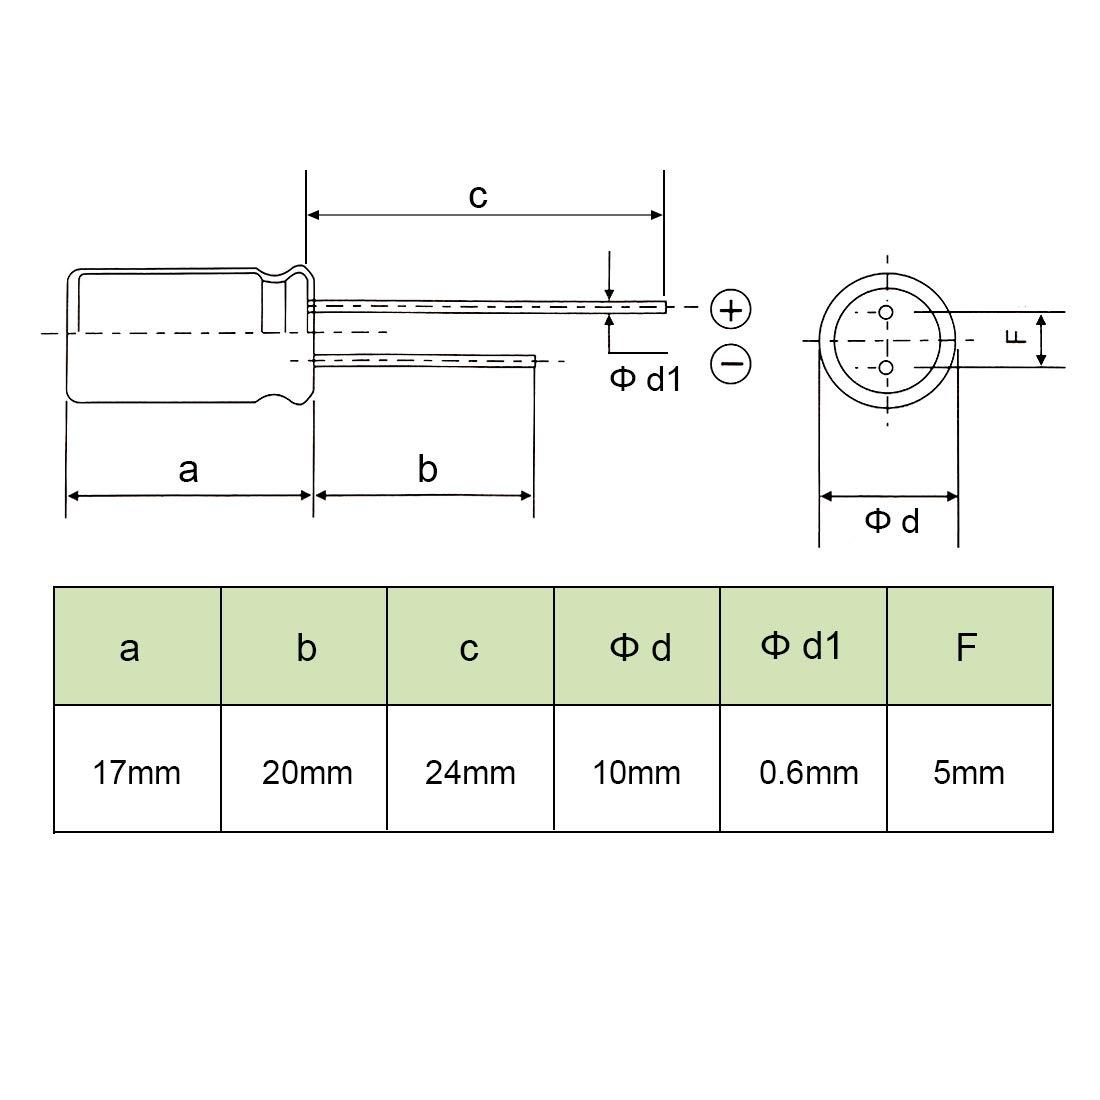 Sourcing Map alluminio radiale condensatore elettrolitico Low Esr verde con 1000UF 25/V 105/Celsius Life 3000H 10/x 17/mm ad alta corrente Ripple bassa impedenza 15PCS